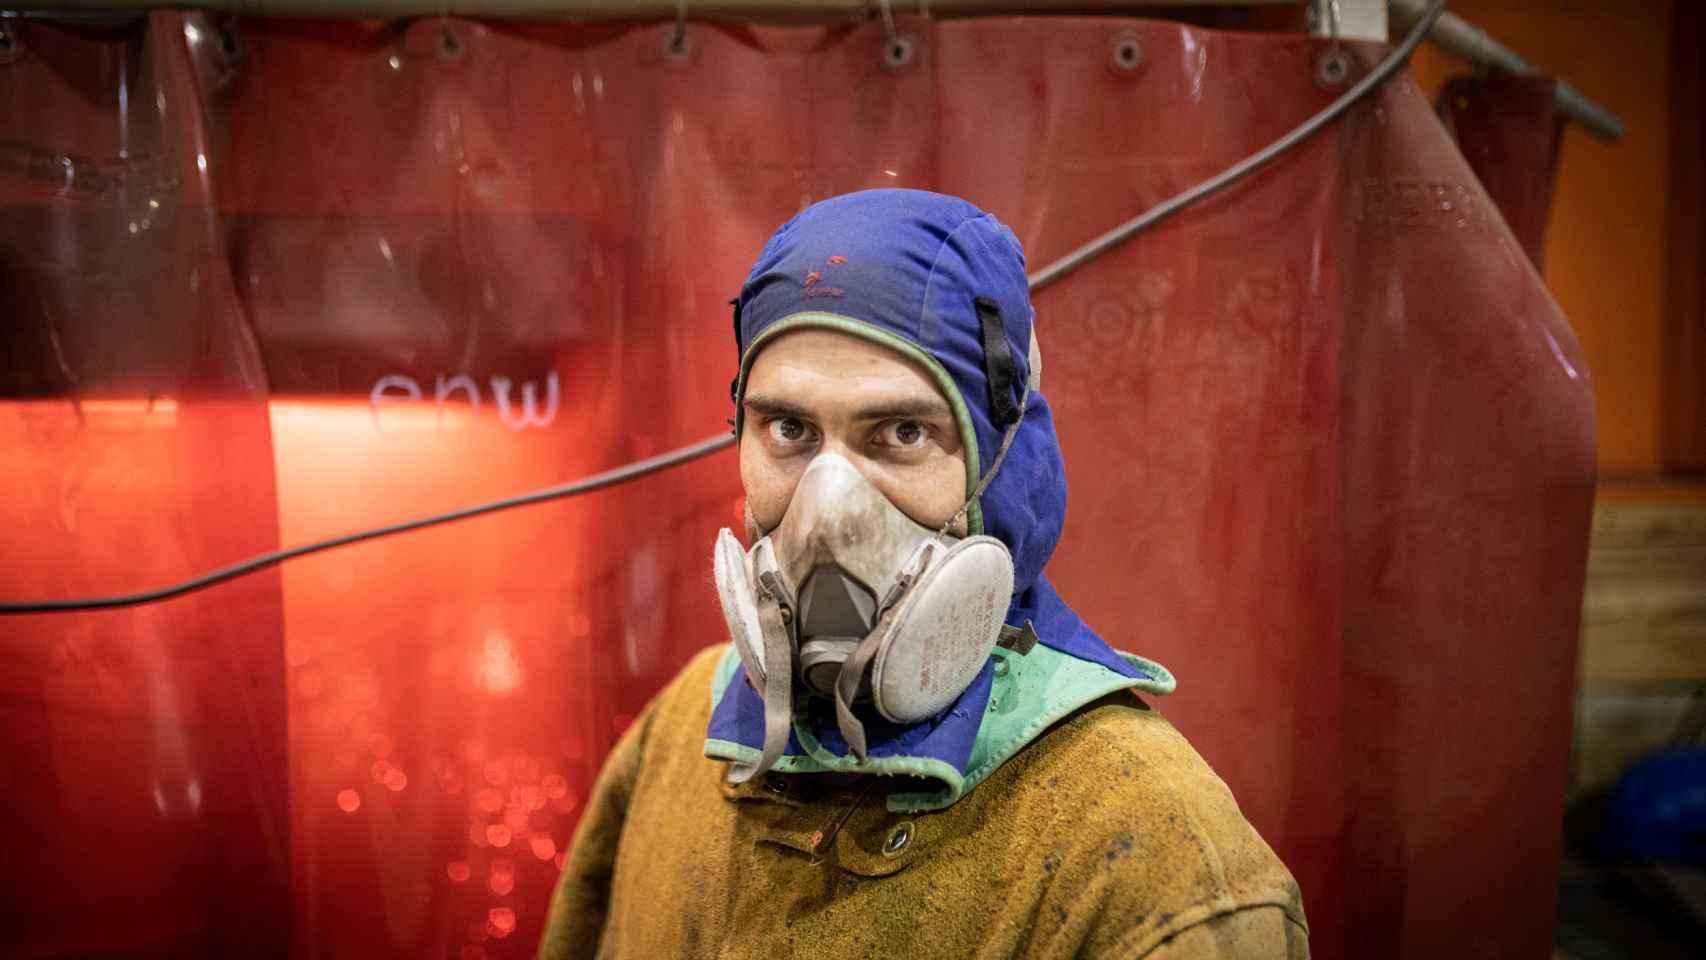 Las medidas de seguridad son estrictas en el astillero. Retrato de un operario con máscara antipolvo.